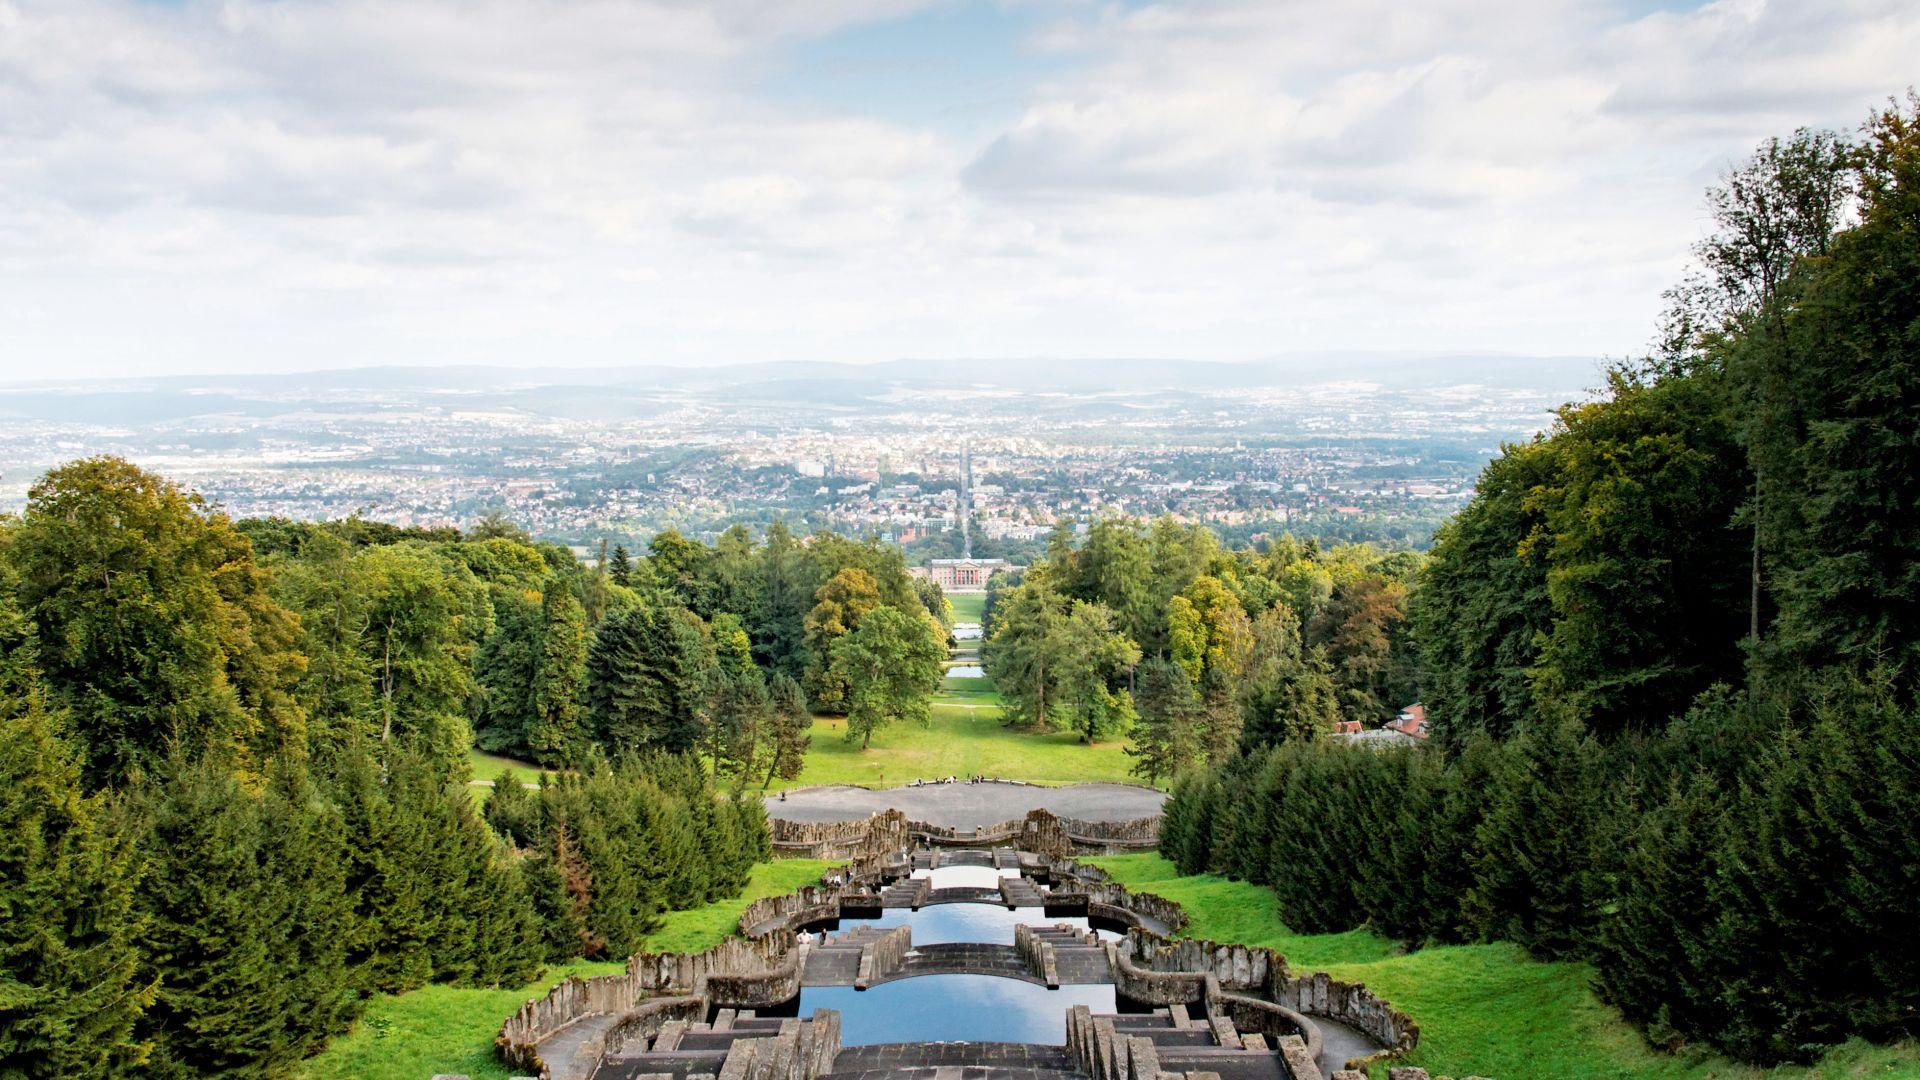 Kassel: View from the cascades in Bergpark Wilhelmshöhe